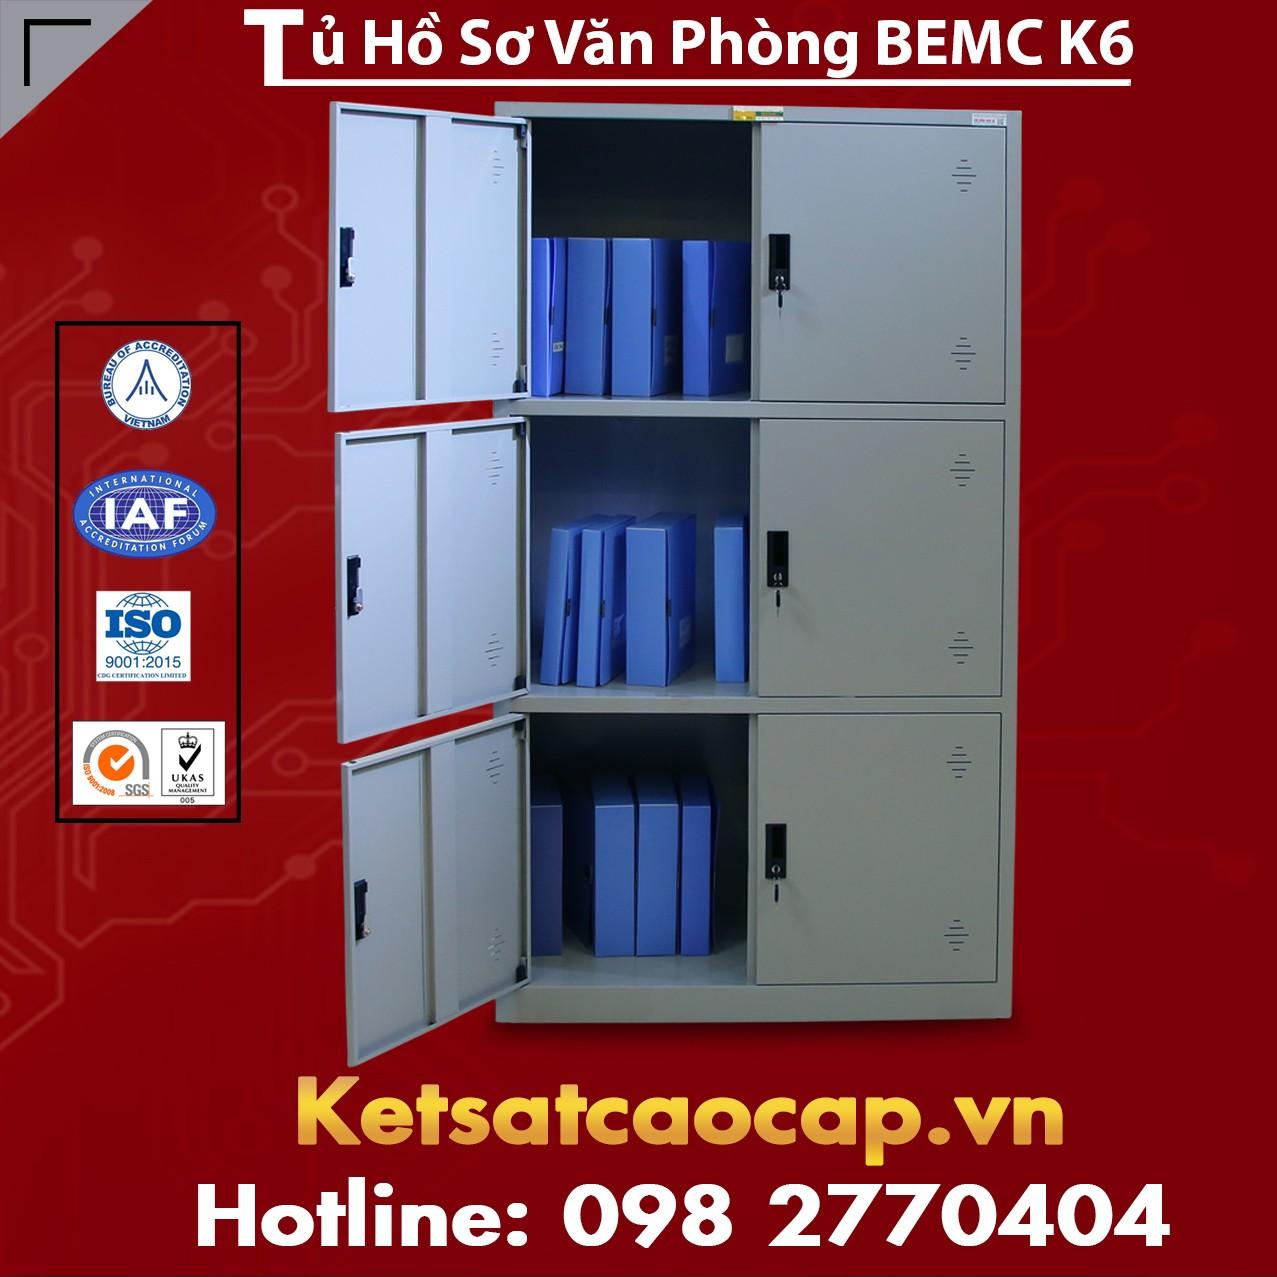 Tủ Hồ Sơ Văn Phòng BEMC K6 Giá Luôn Tốt Nhất Thị Trường